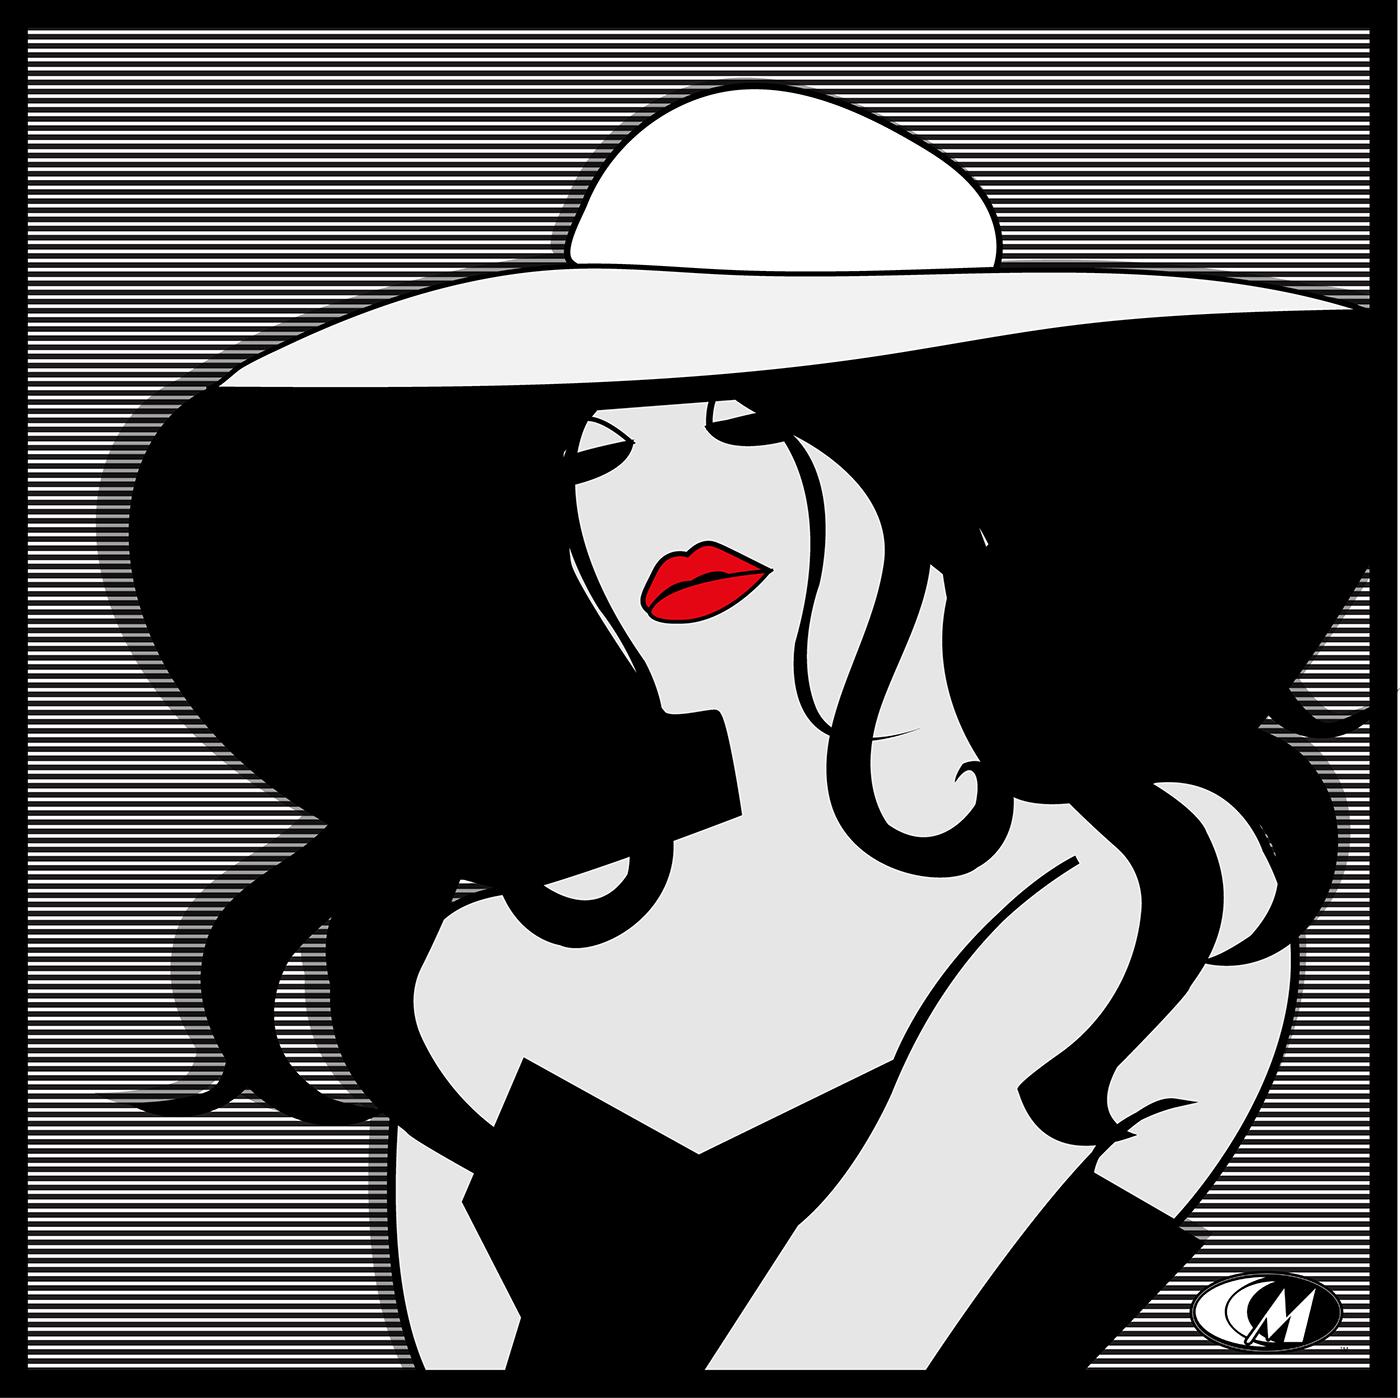 Fashion  ILLUSTRATION  Digital Art  black and white minimalist floppy hat rosy lips